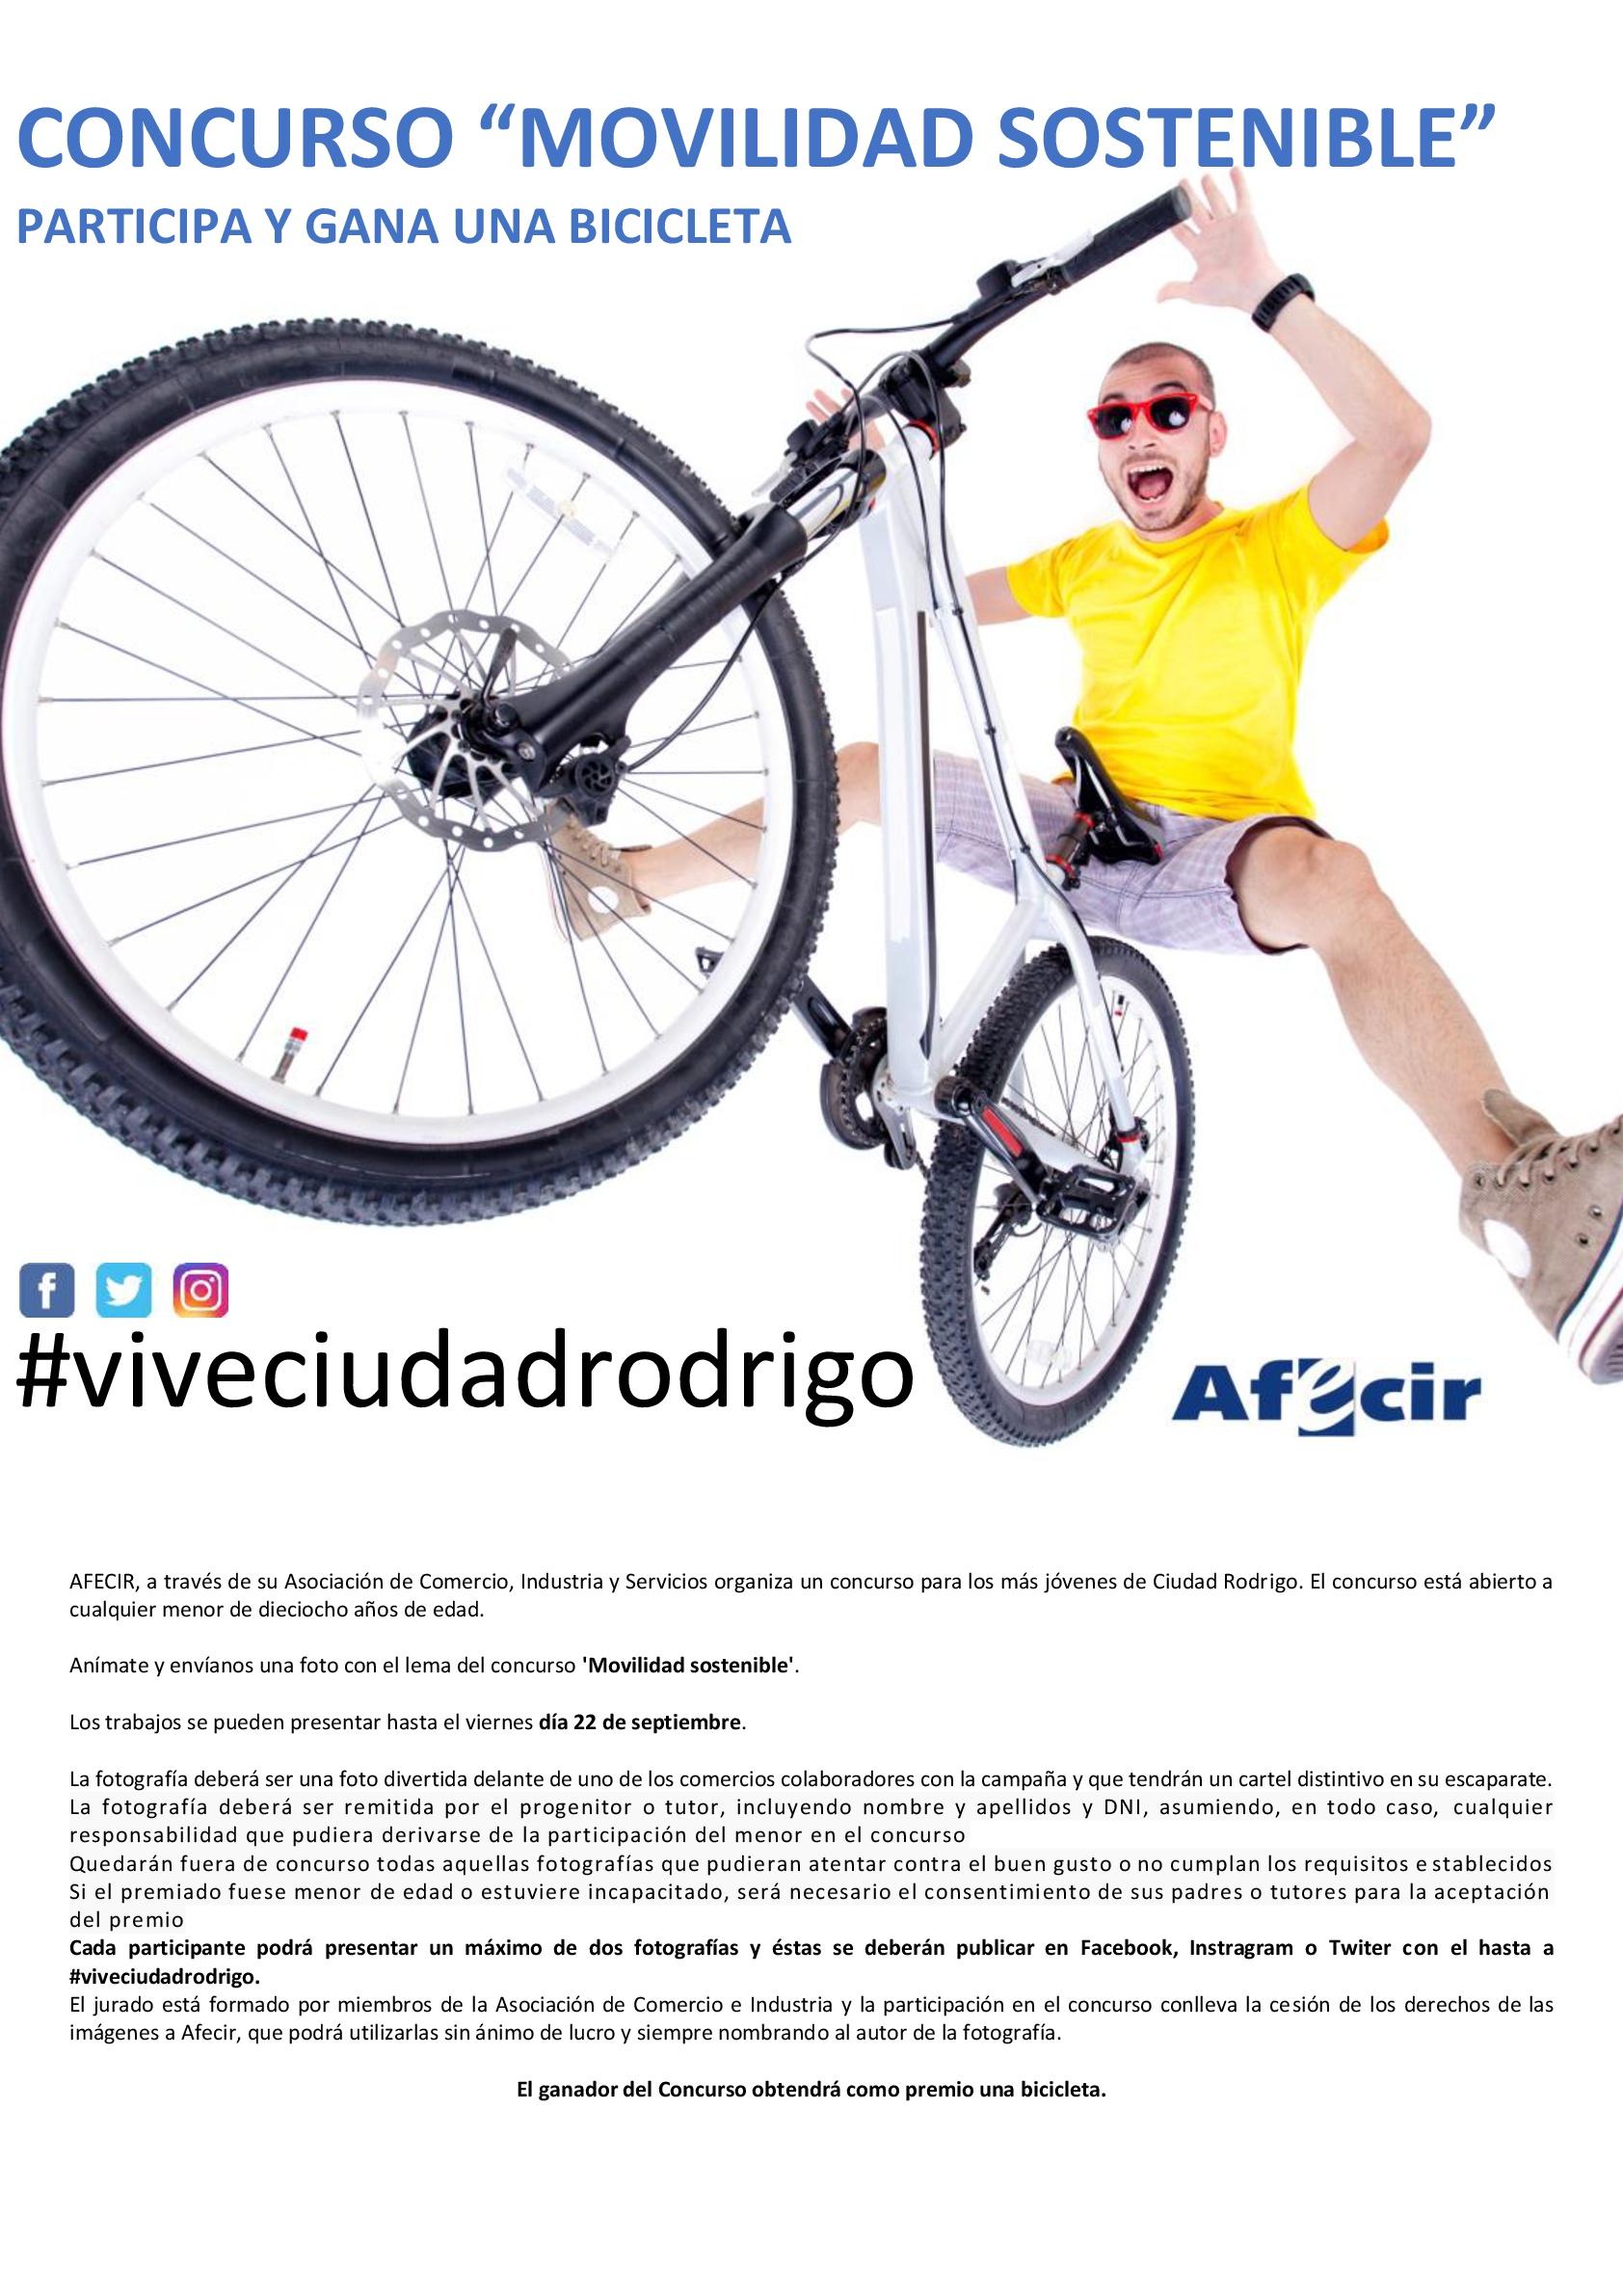 cartel afecir movilidad concurso